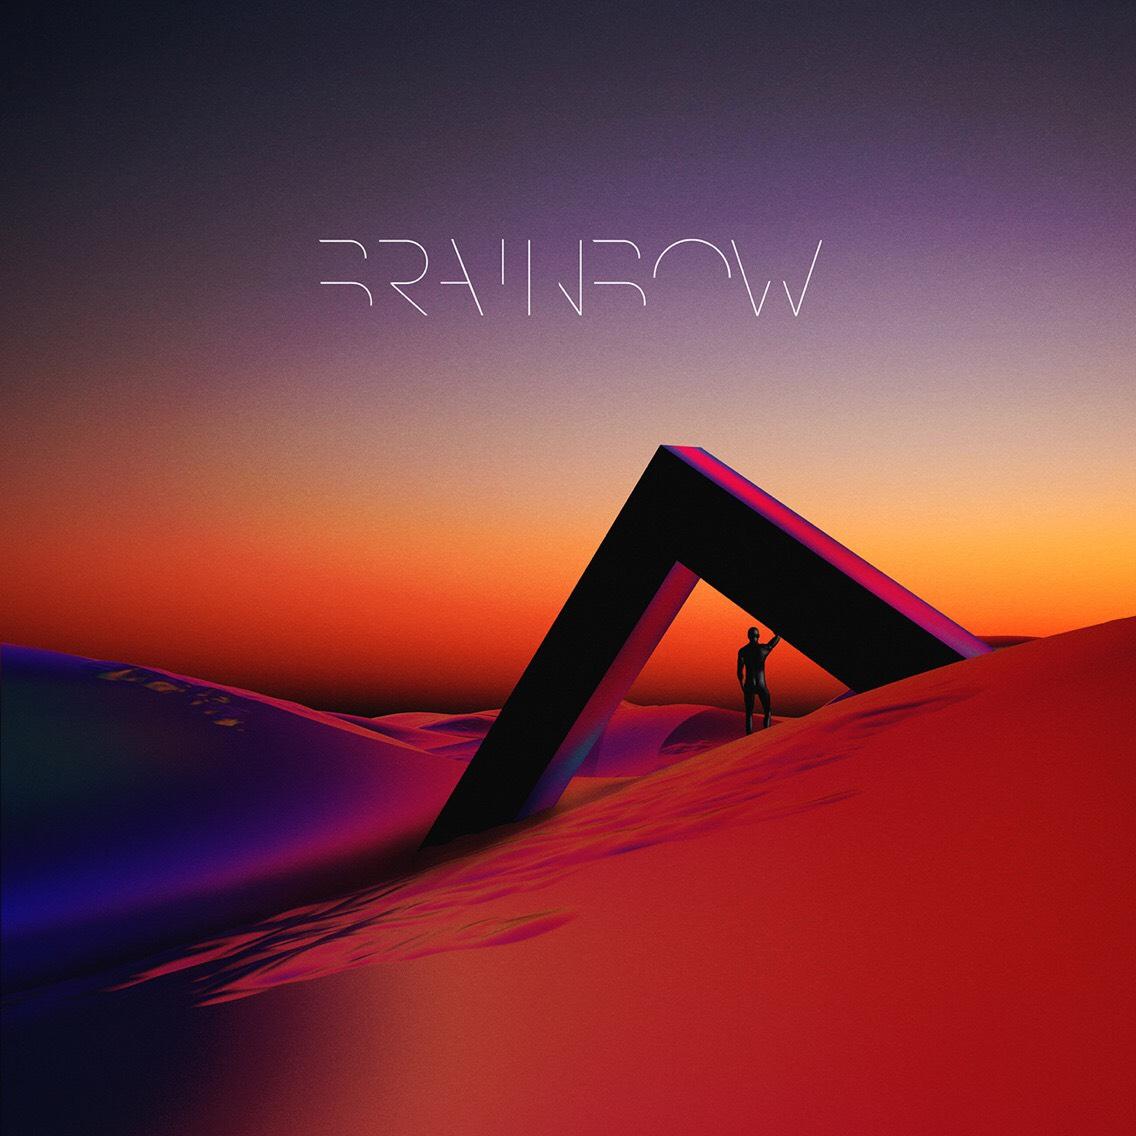 Brainbow album